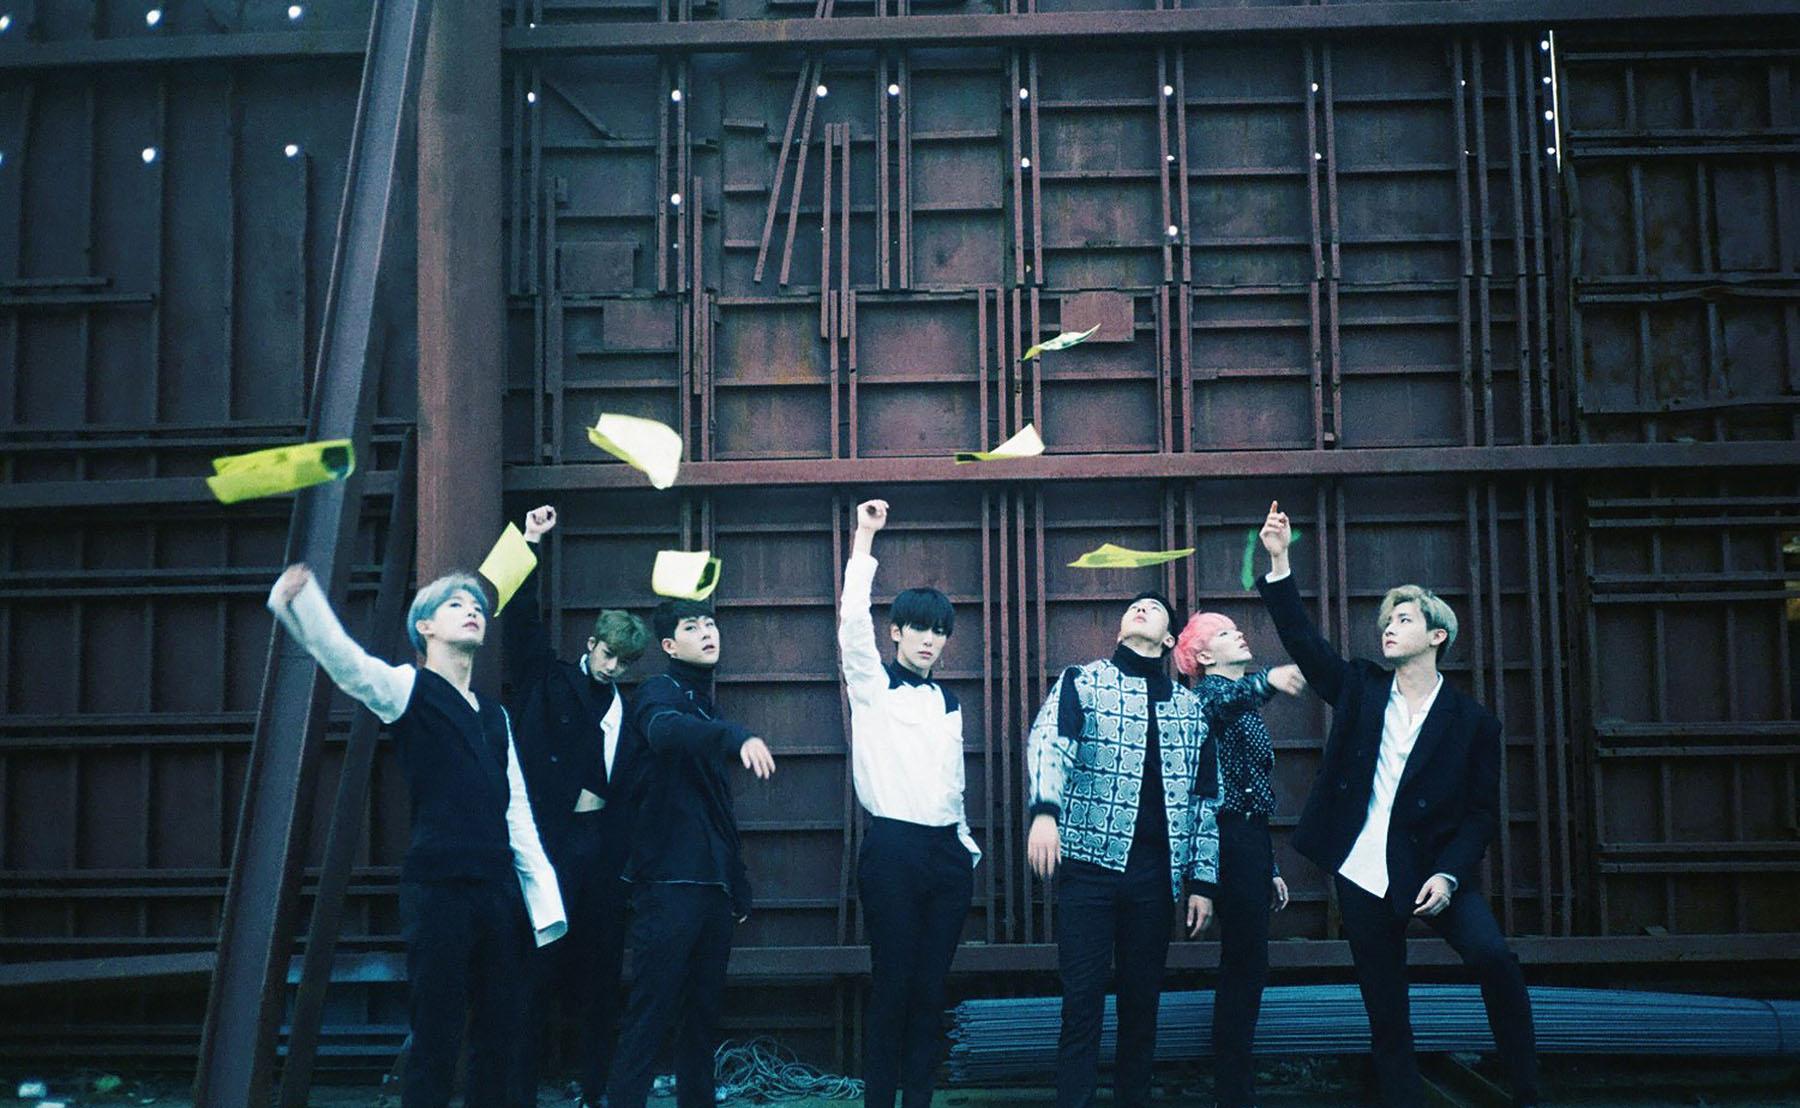 Lee Min Hyuk Monsta X Wallpaper Asiachan Kpop Jpop Image Board